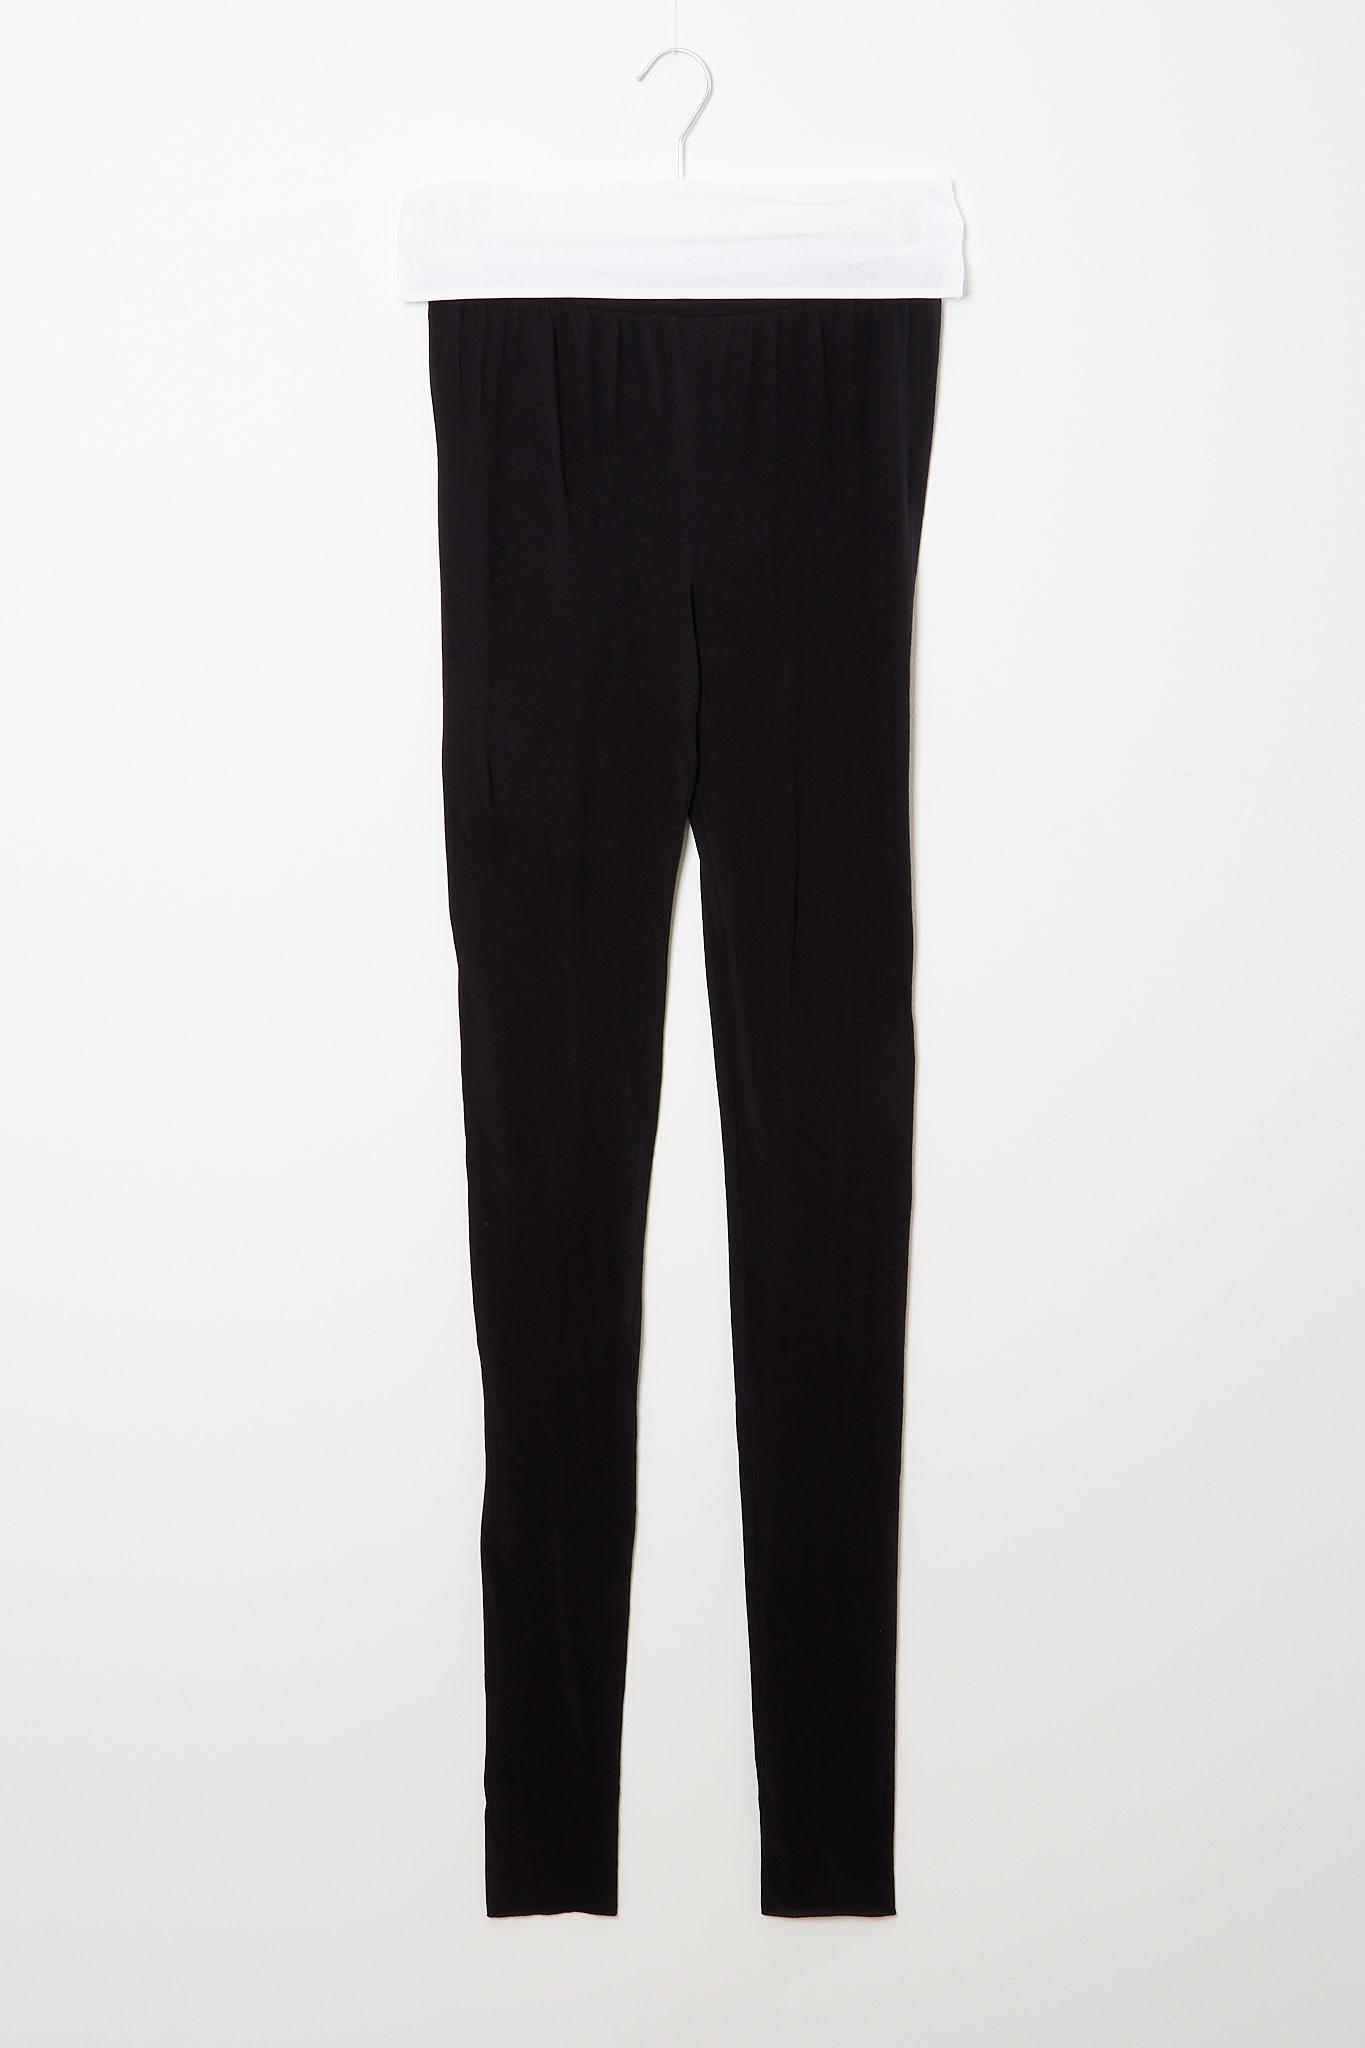 Humanoid - Haro bi cotton legging